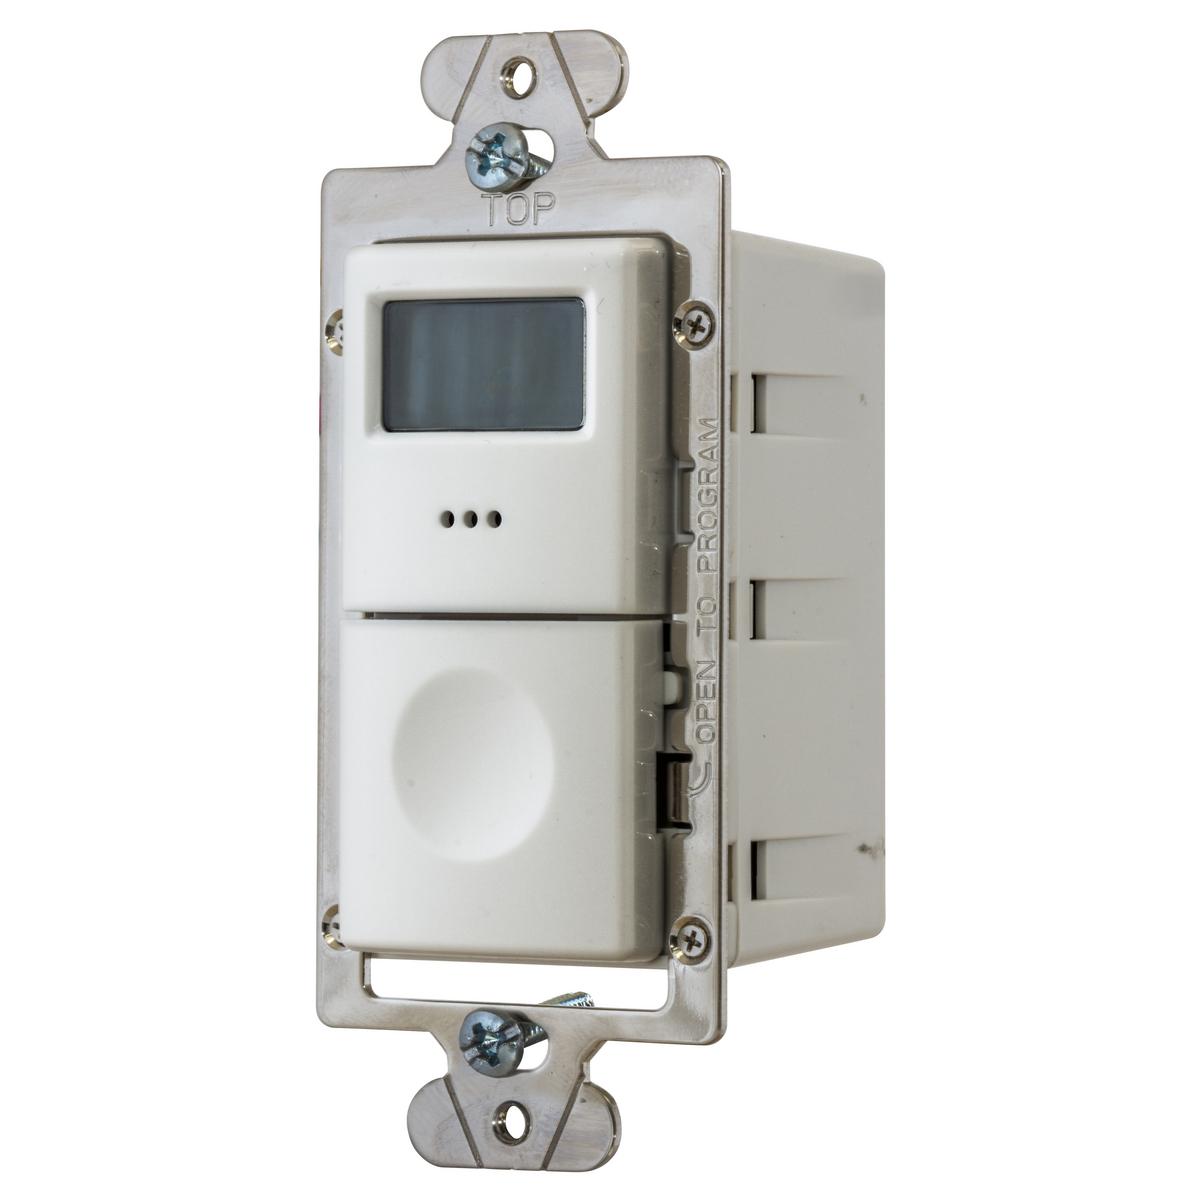 Wiring Device-KellemsDT2000W